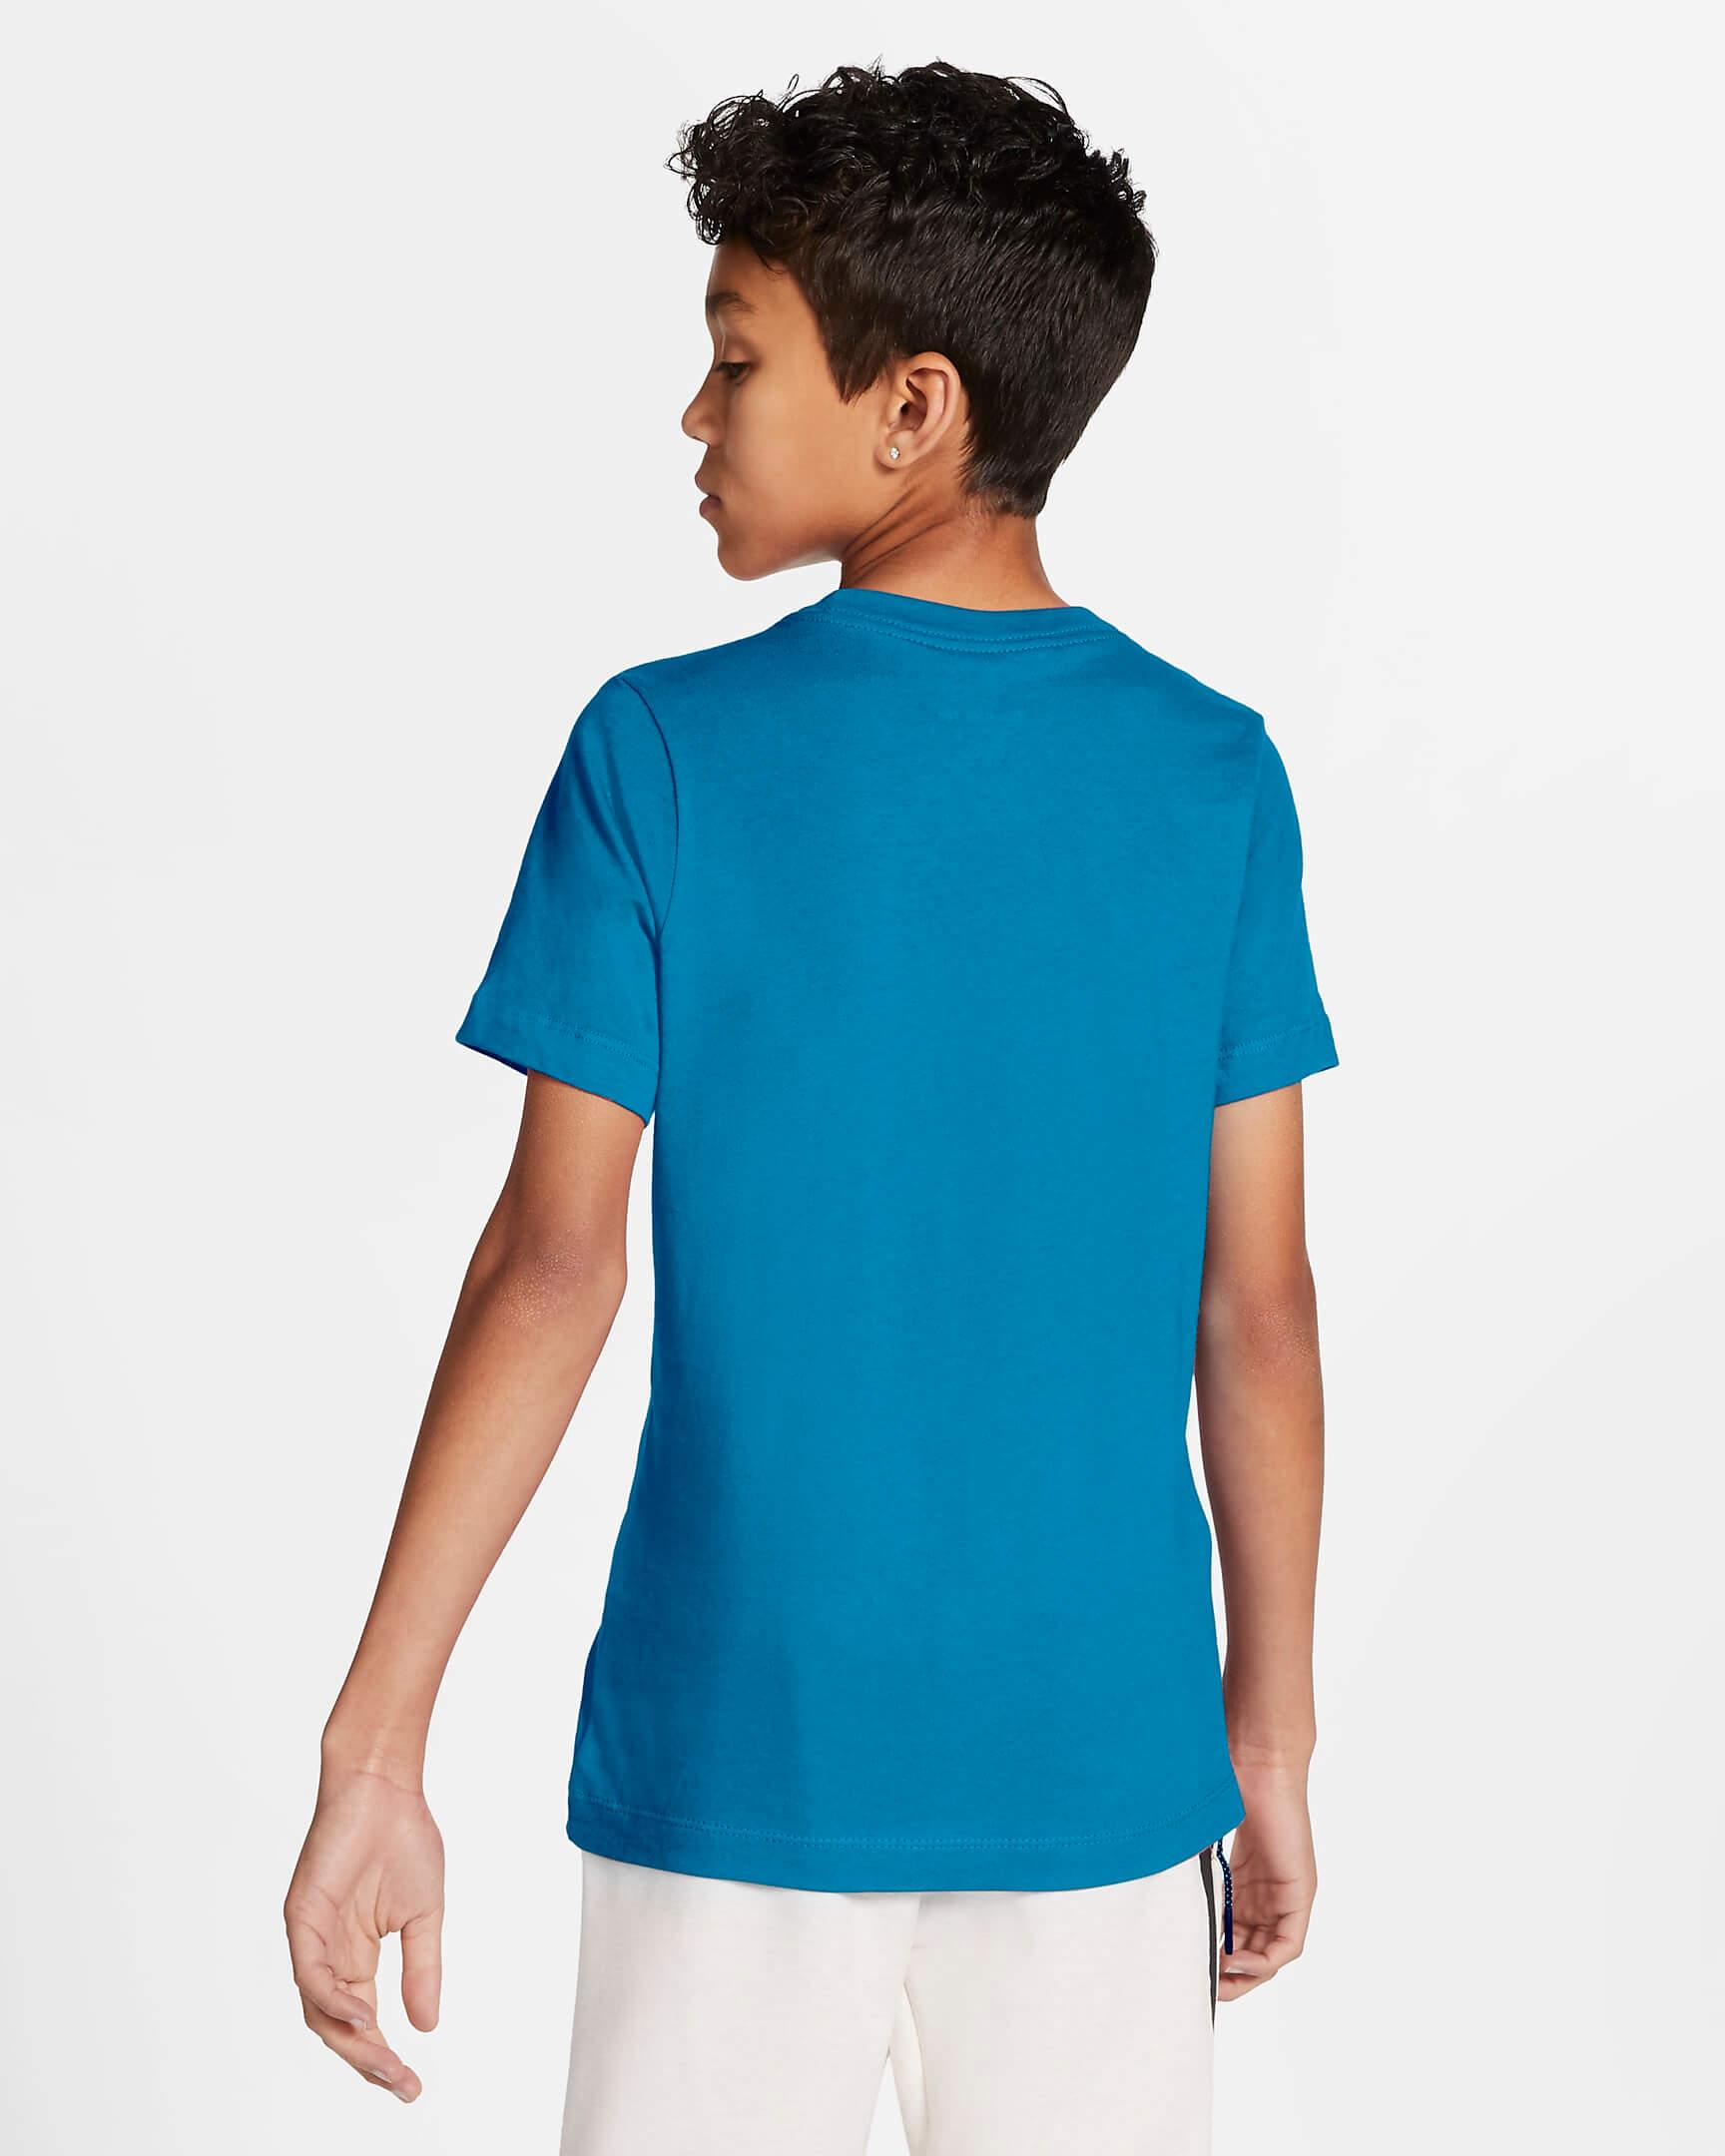 Emb Futura Çocuk Açık Mavi Tişört